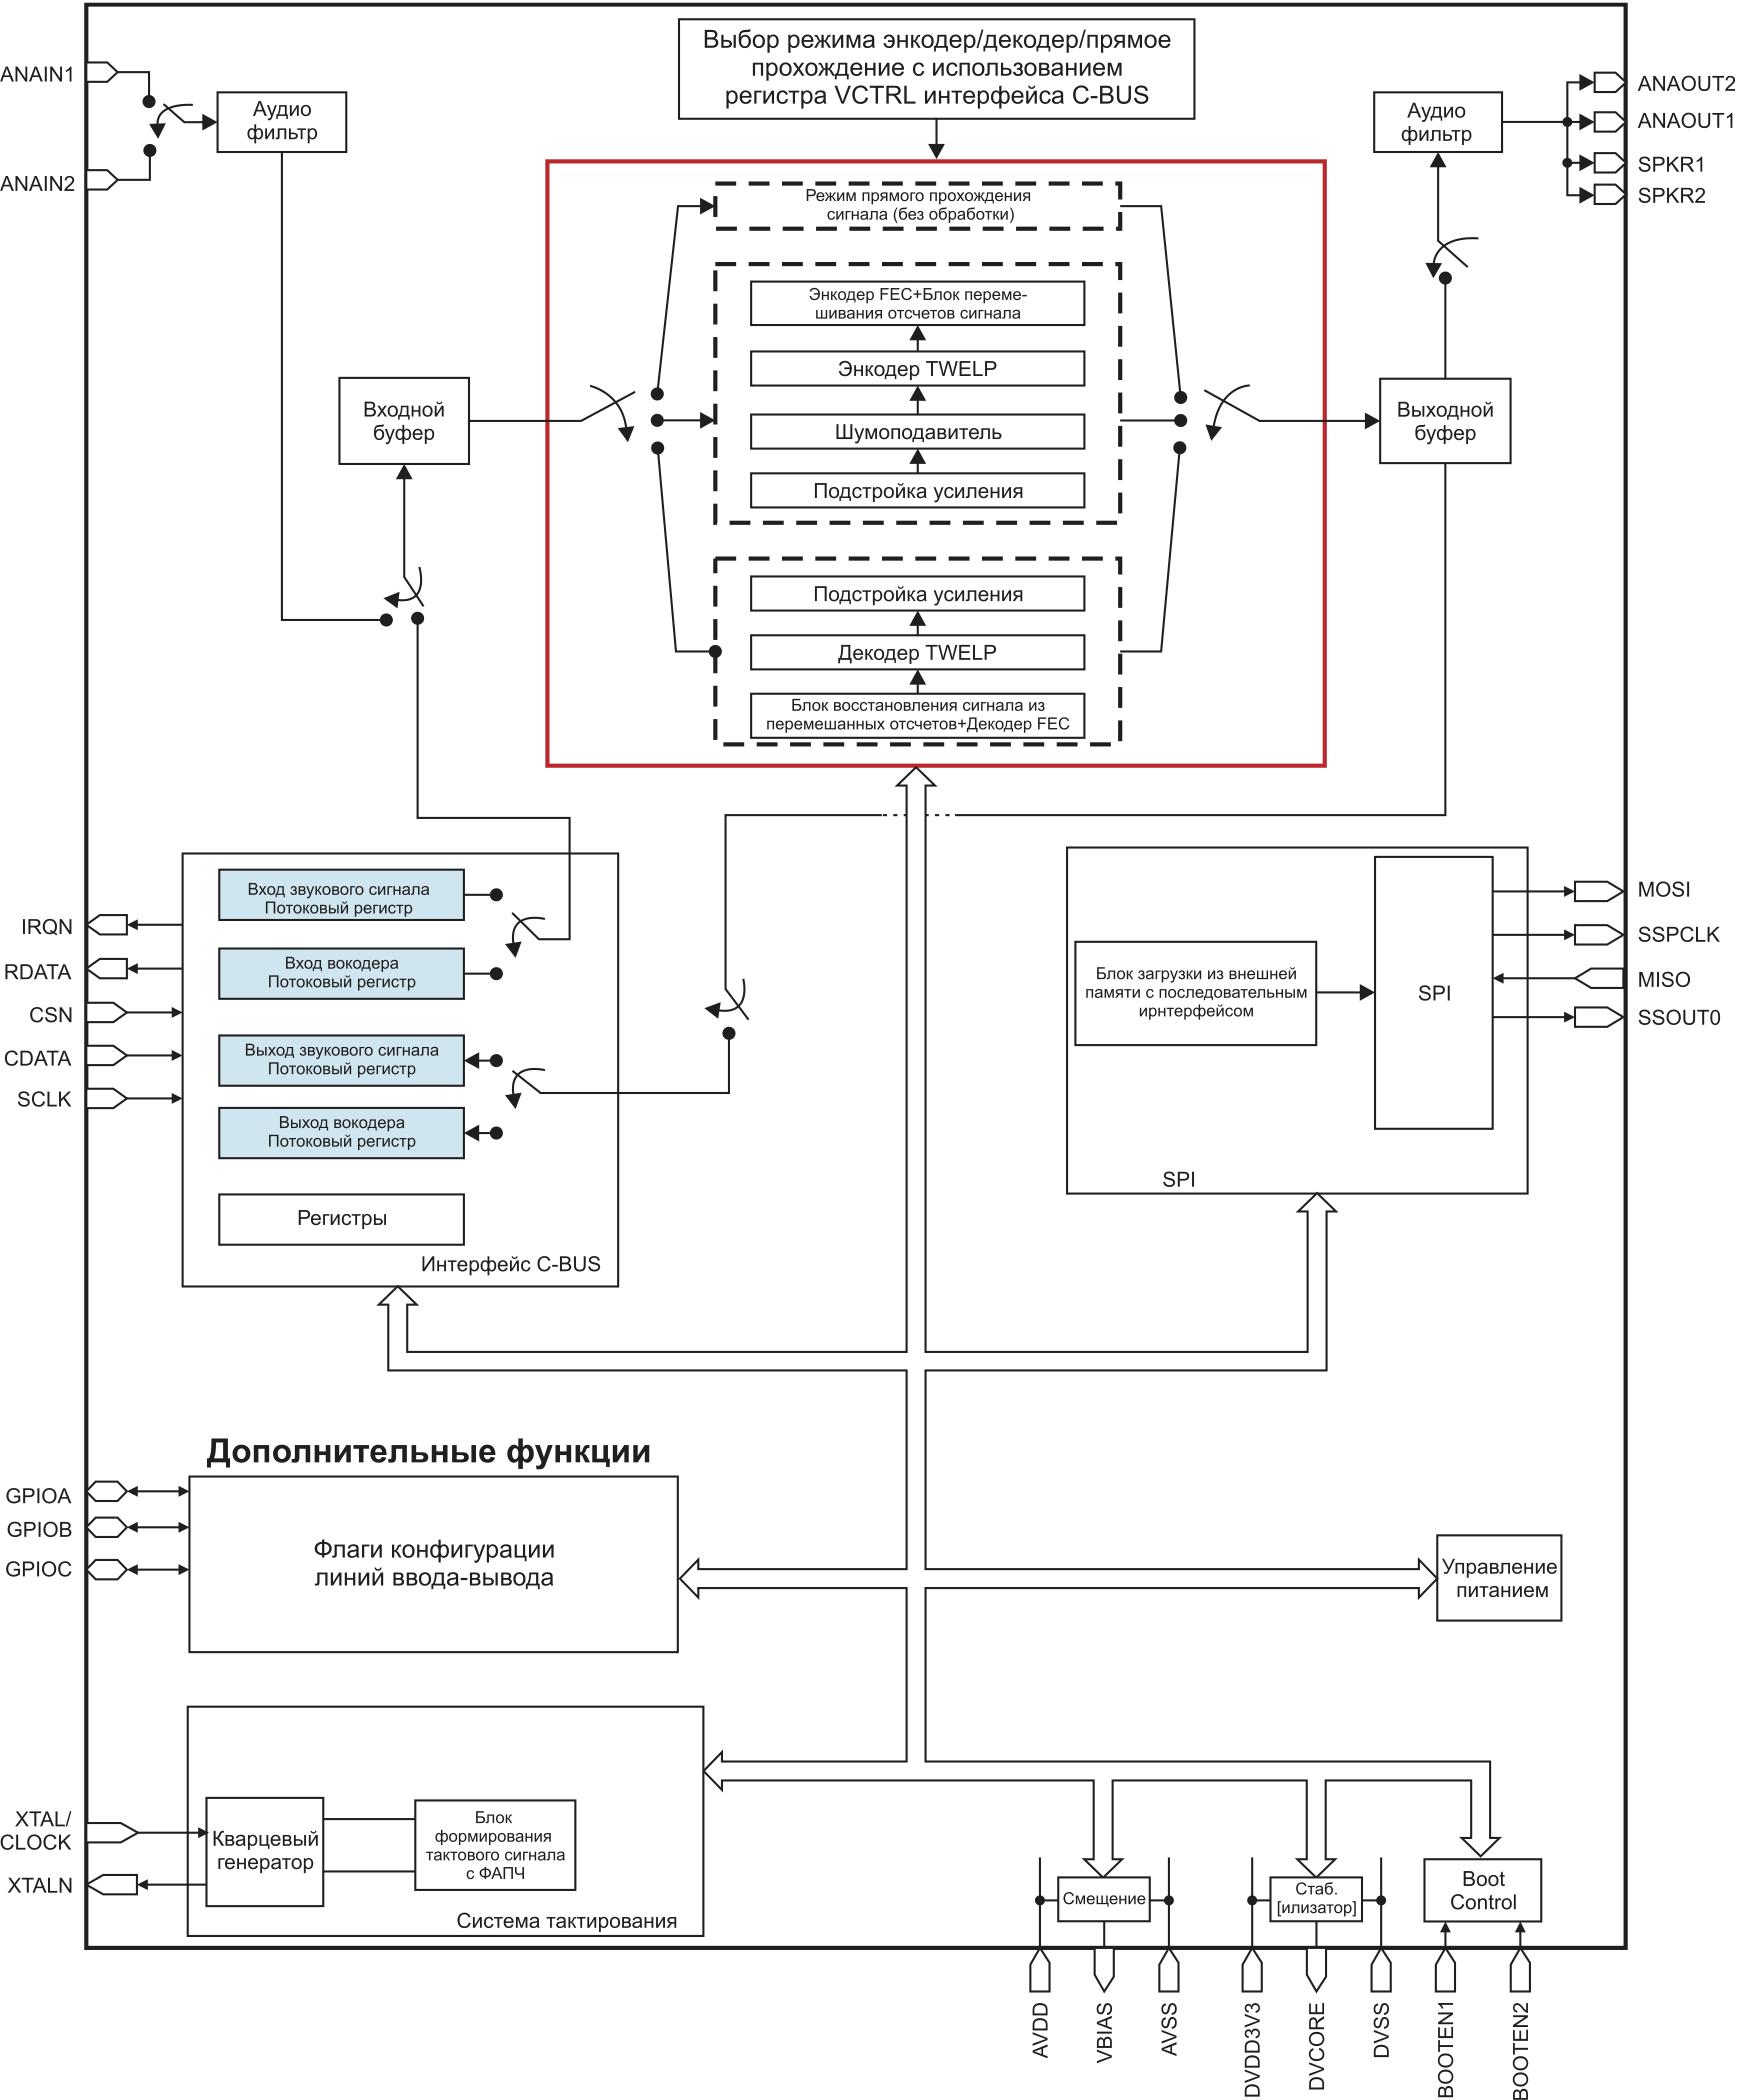 Блок-схемы голосового энкодера и декодера микросхемы CMX7262